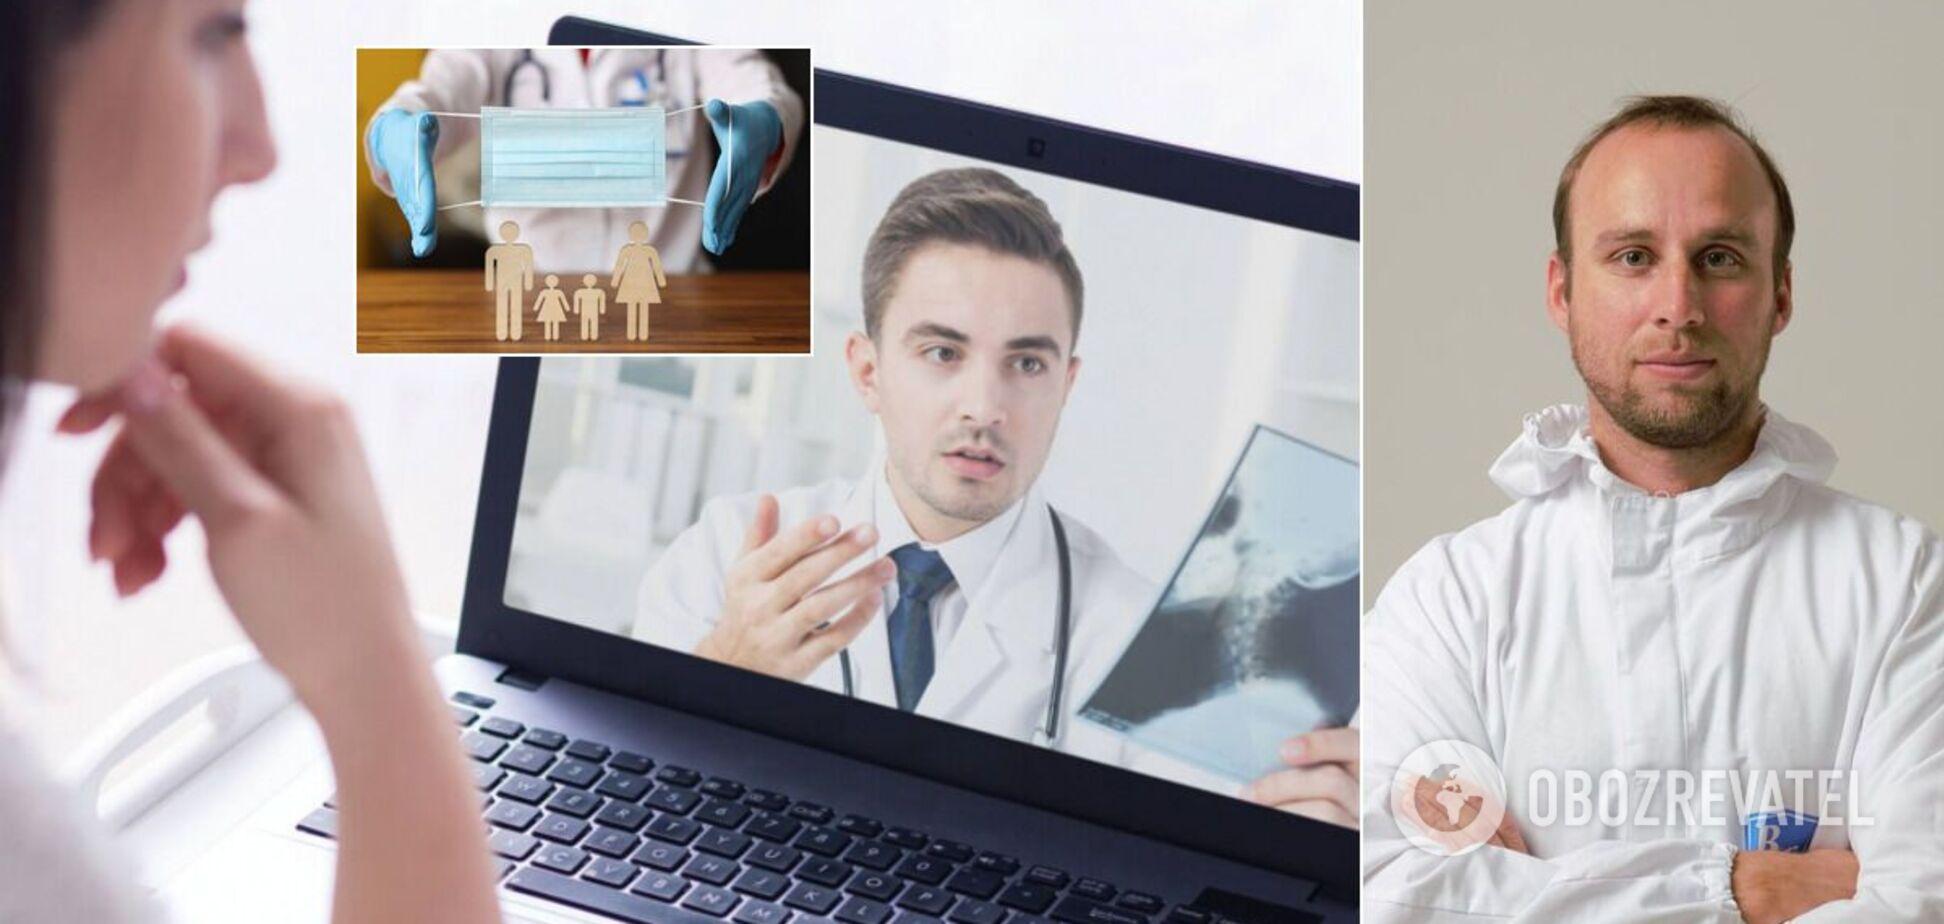 Украинский врач раскритиковал дистанционное лечение COVID-19 и предложил создать 'ковидные амбулатории'